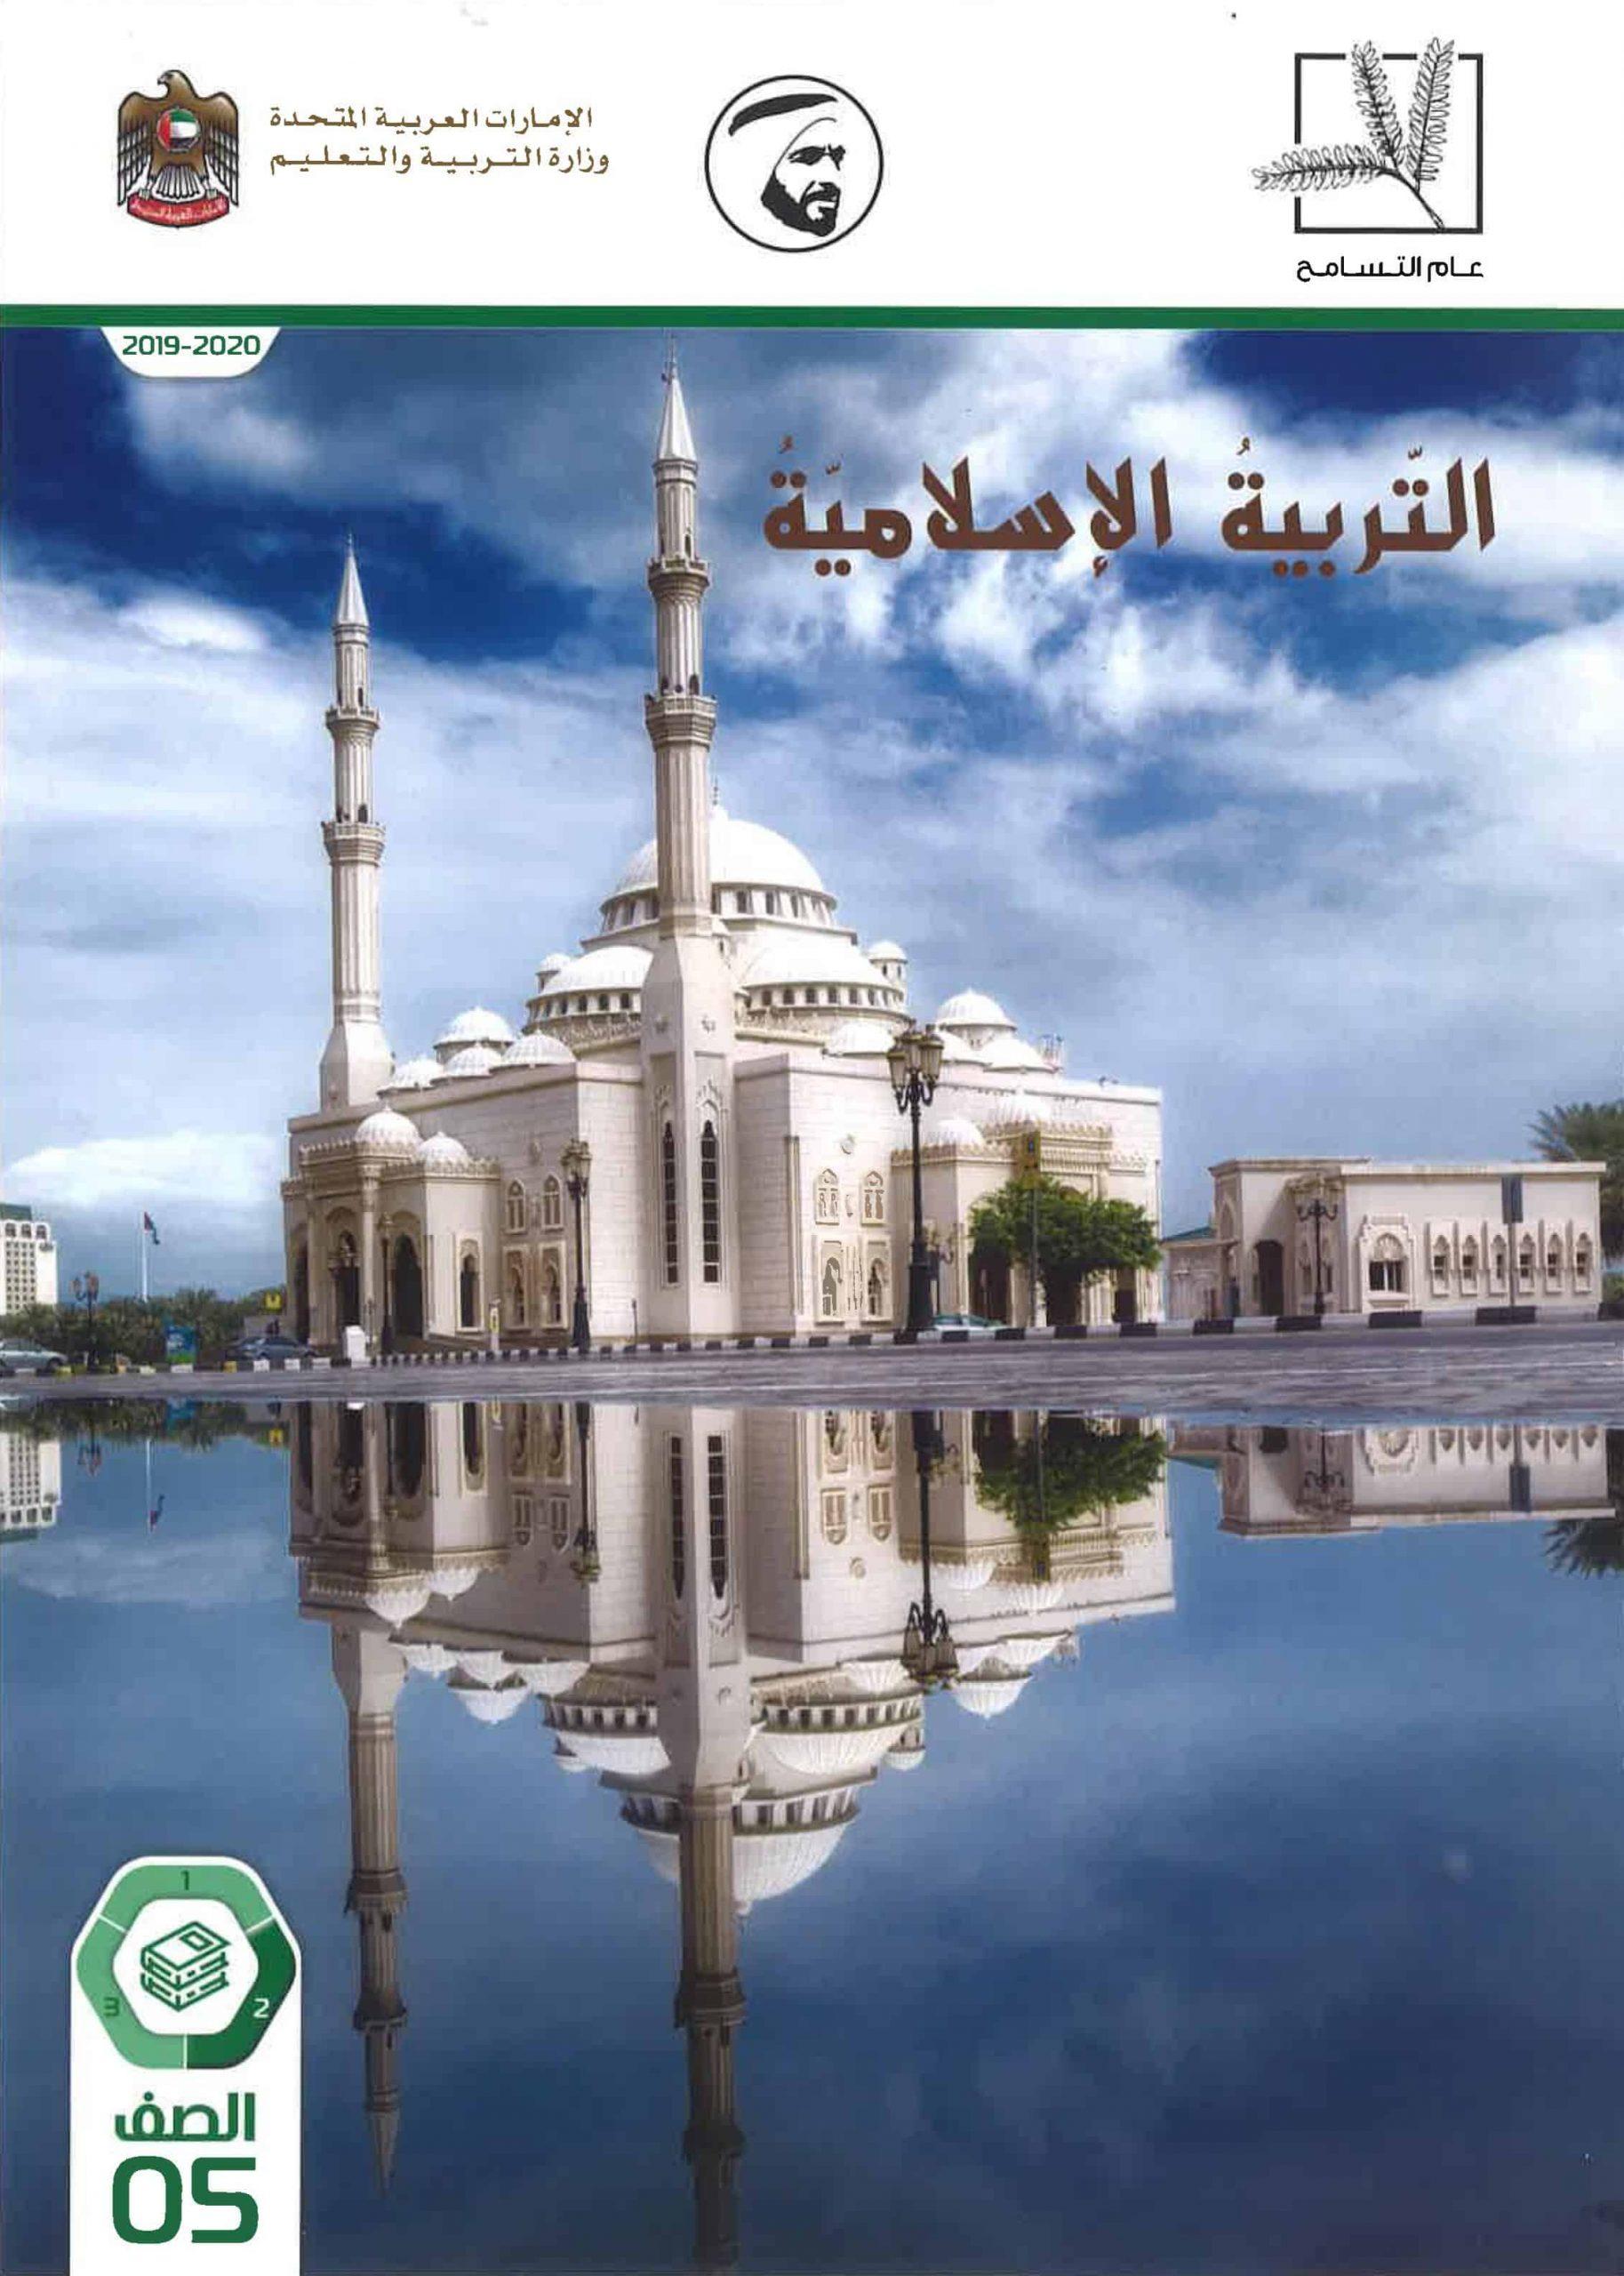 كتاب الطالب الفصل الدراسي الثاني 2019-2020 الصف الخامس مادة التربية الاسلامية